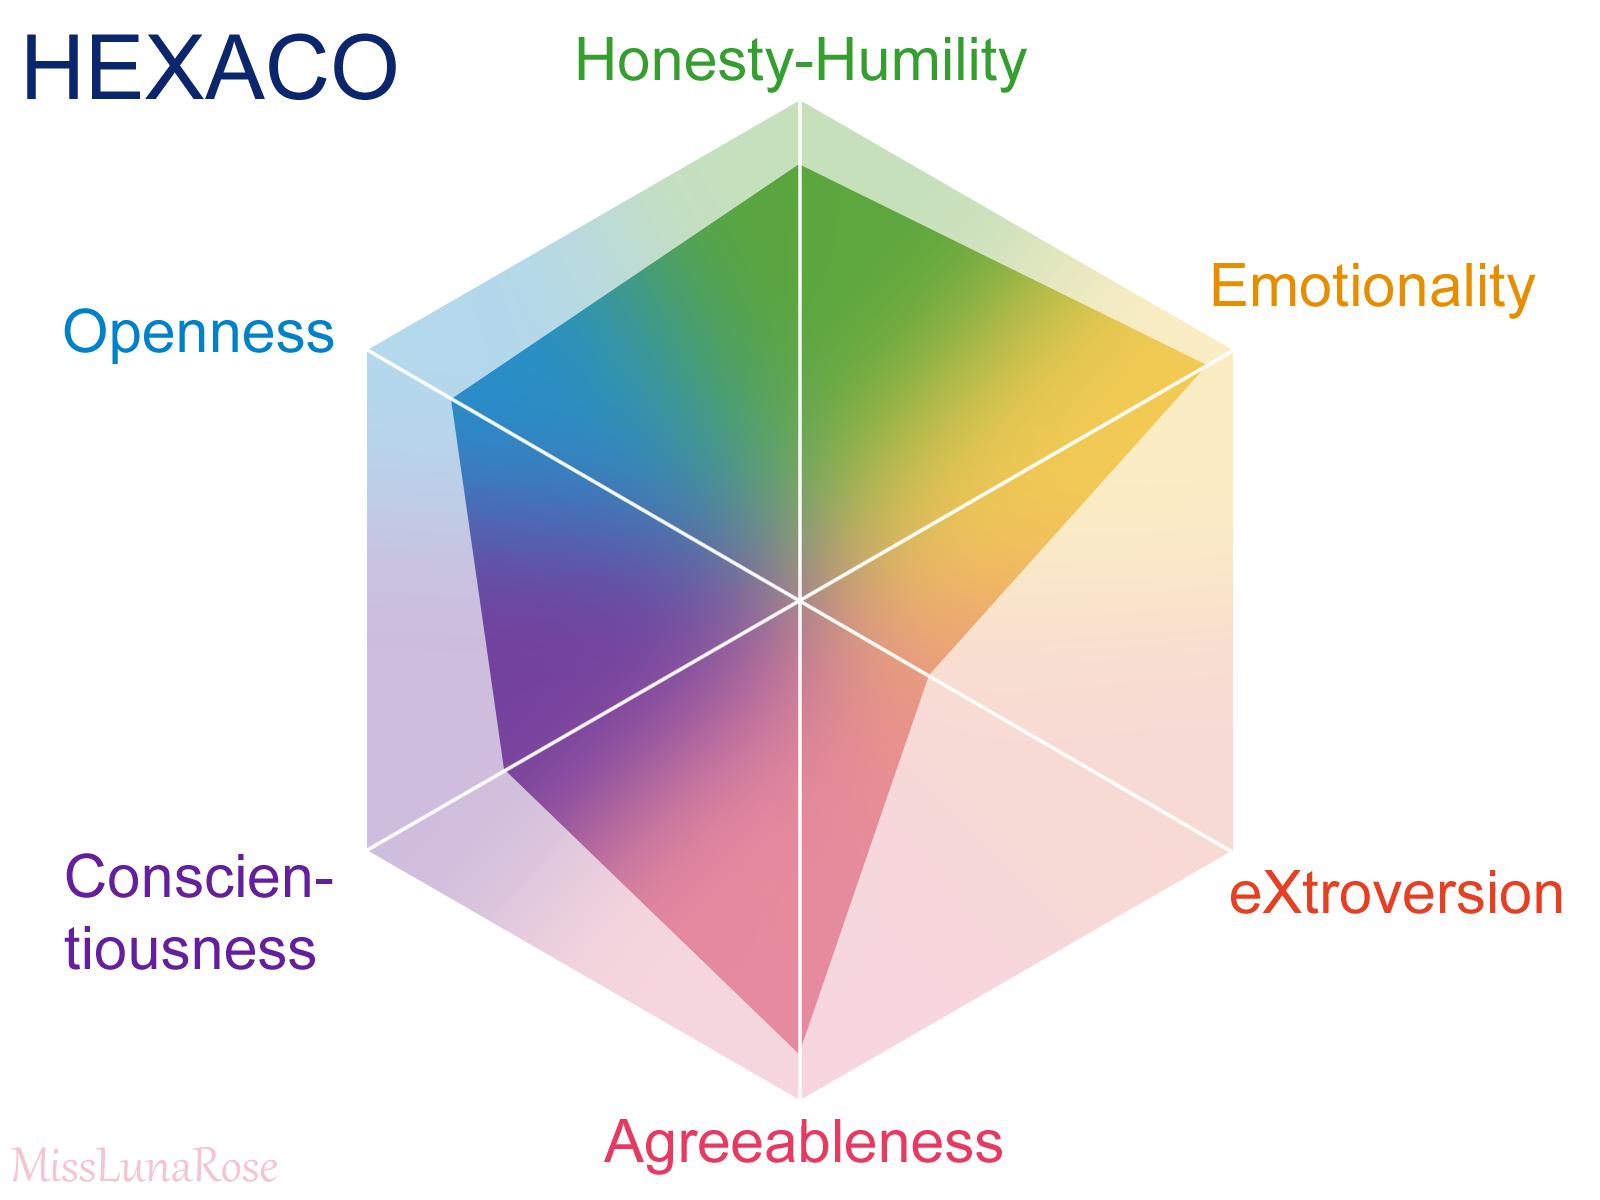 HEXACO Personality Inventory